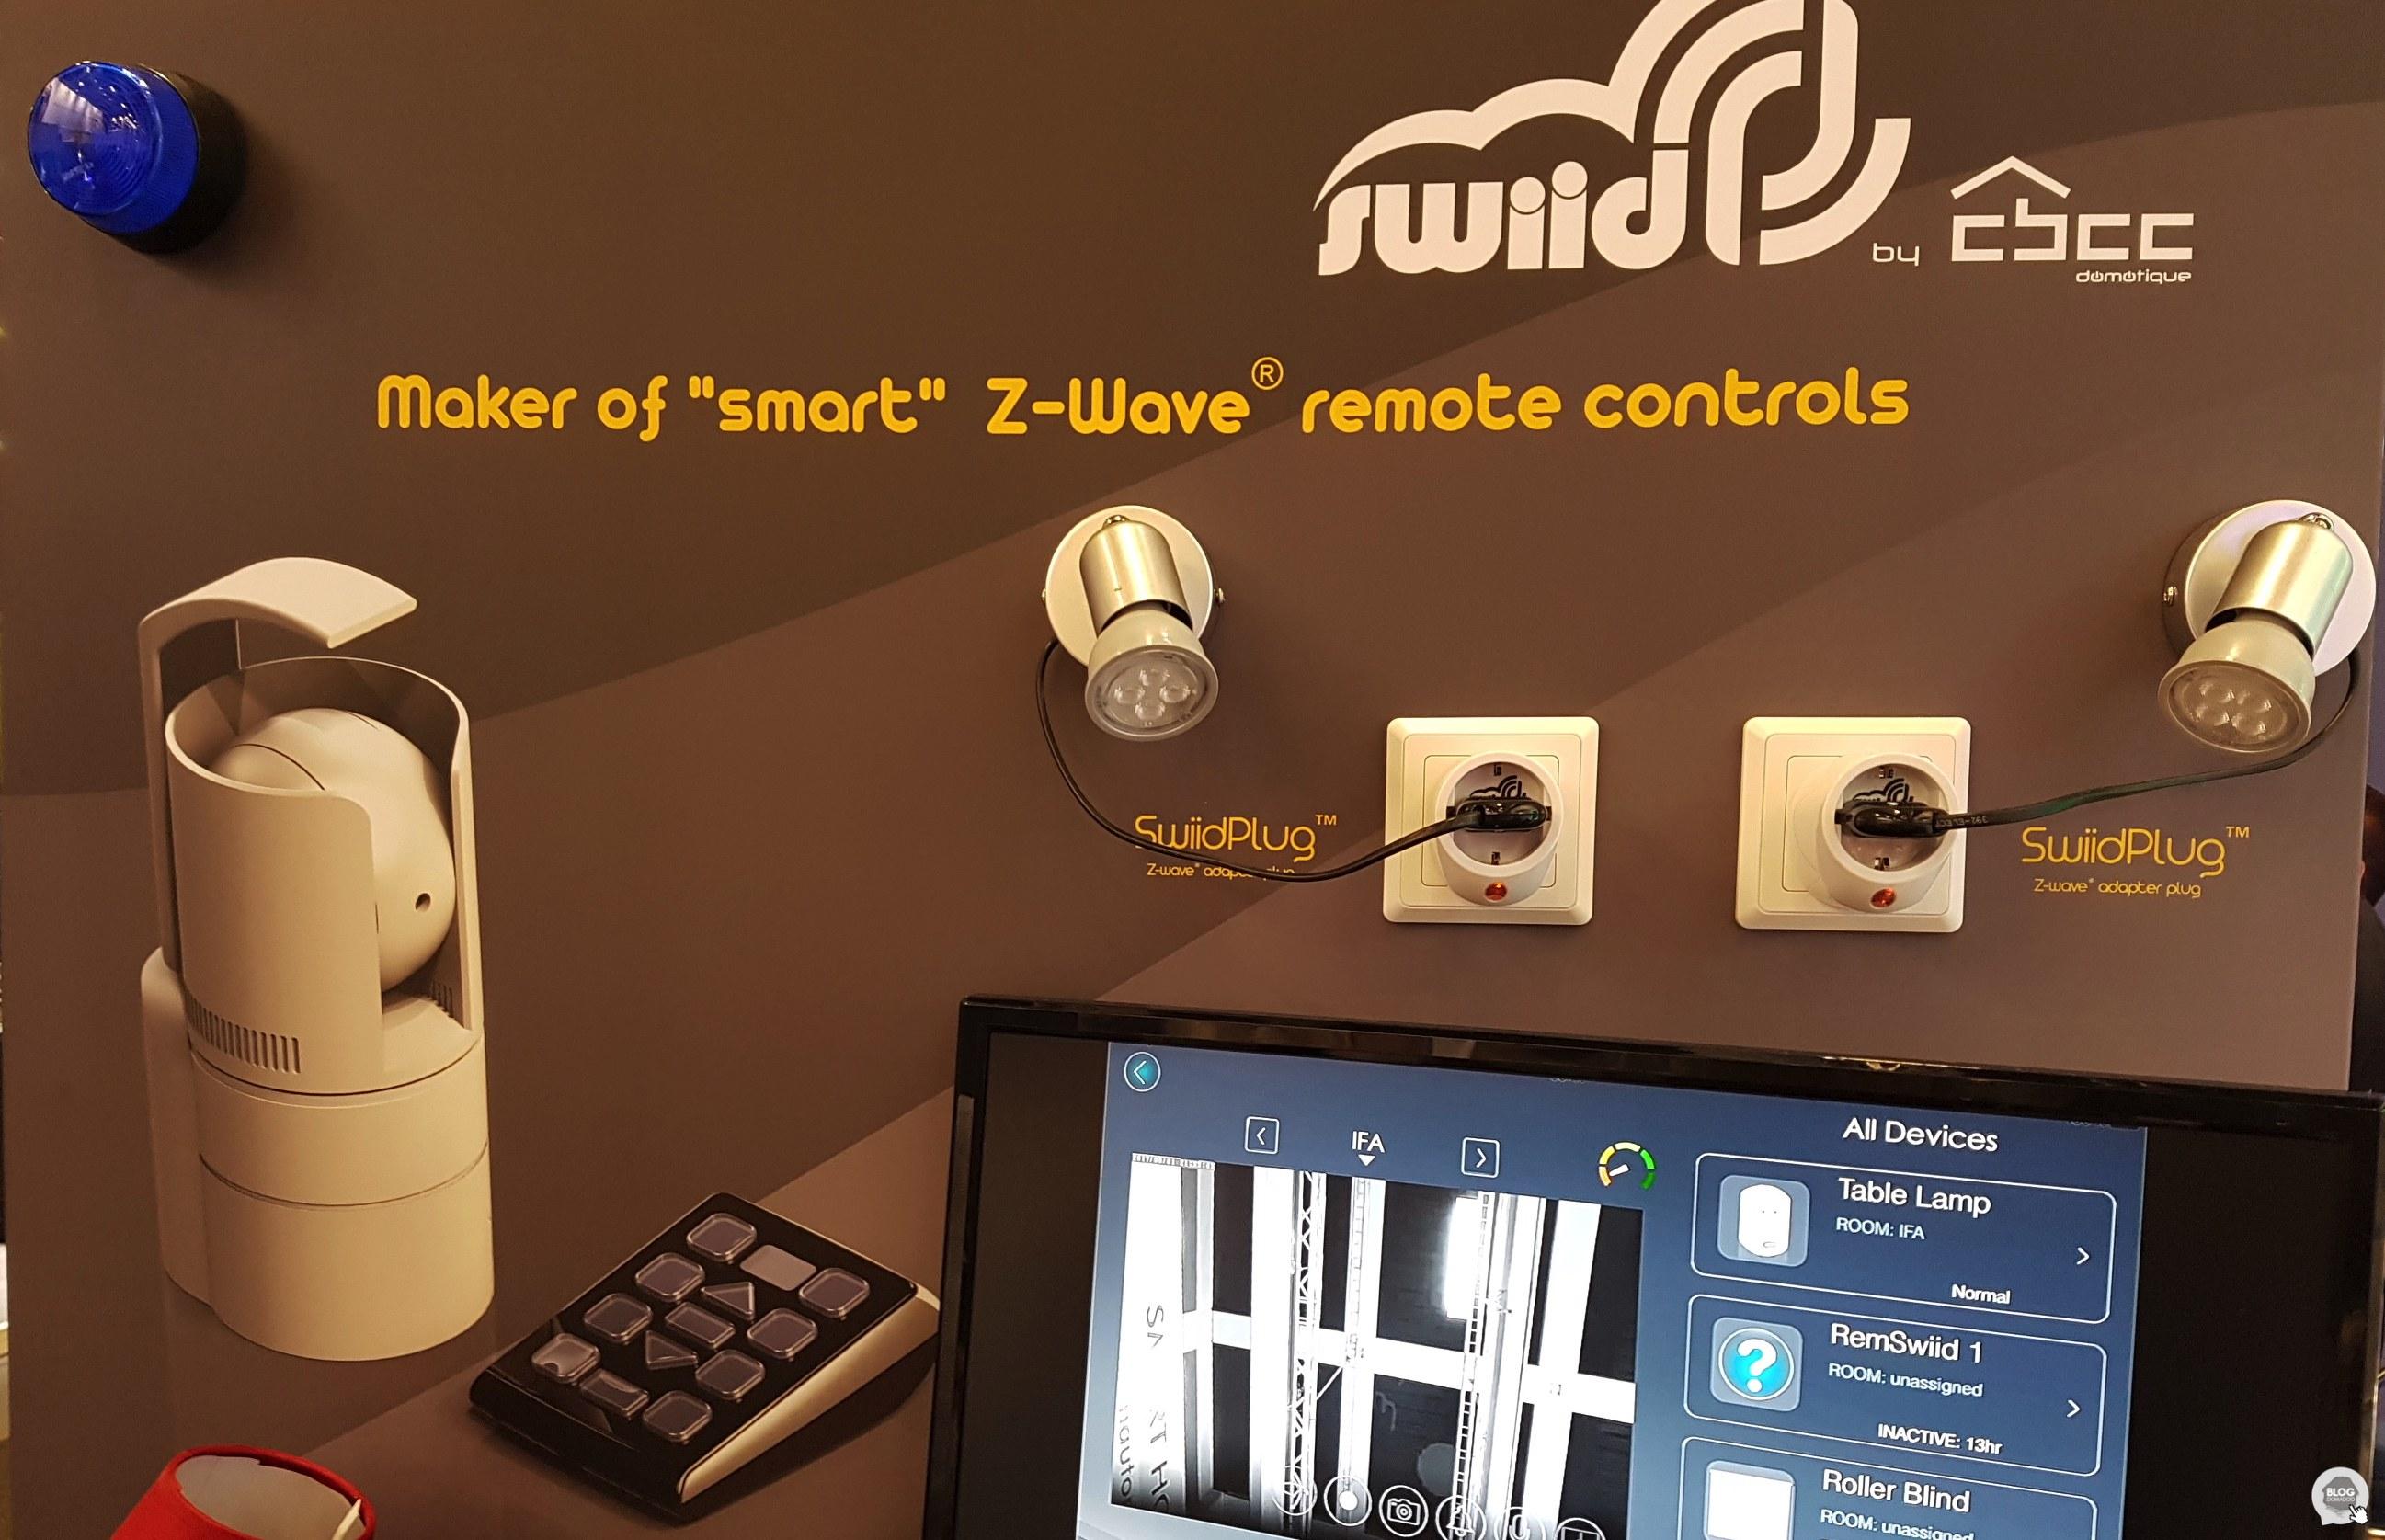 Swiid présente une nouvelle télécommande LCD et une caméra à l'#IFA2017